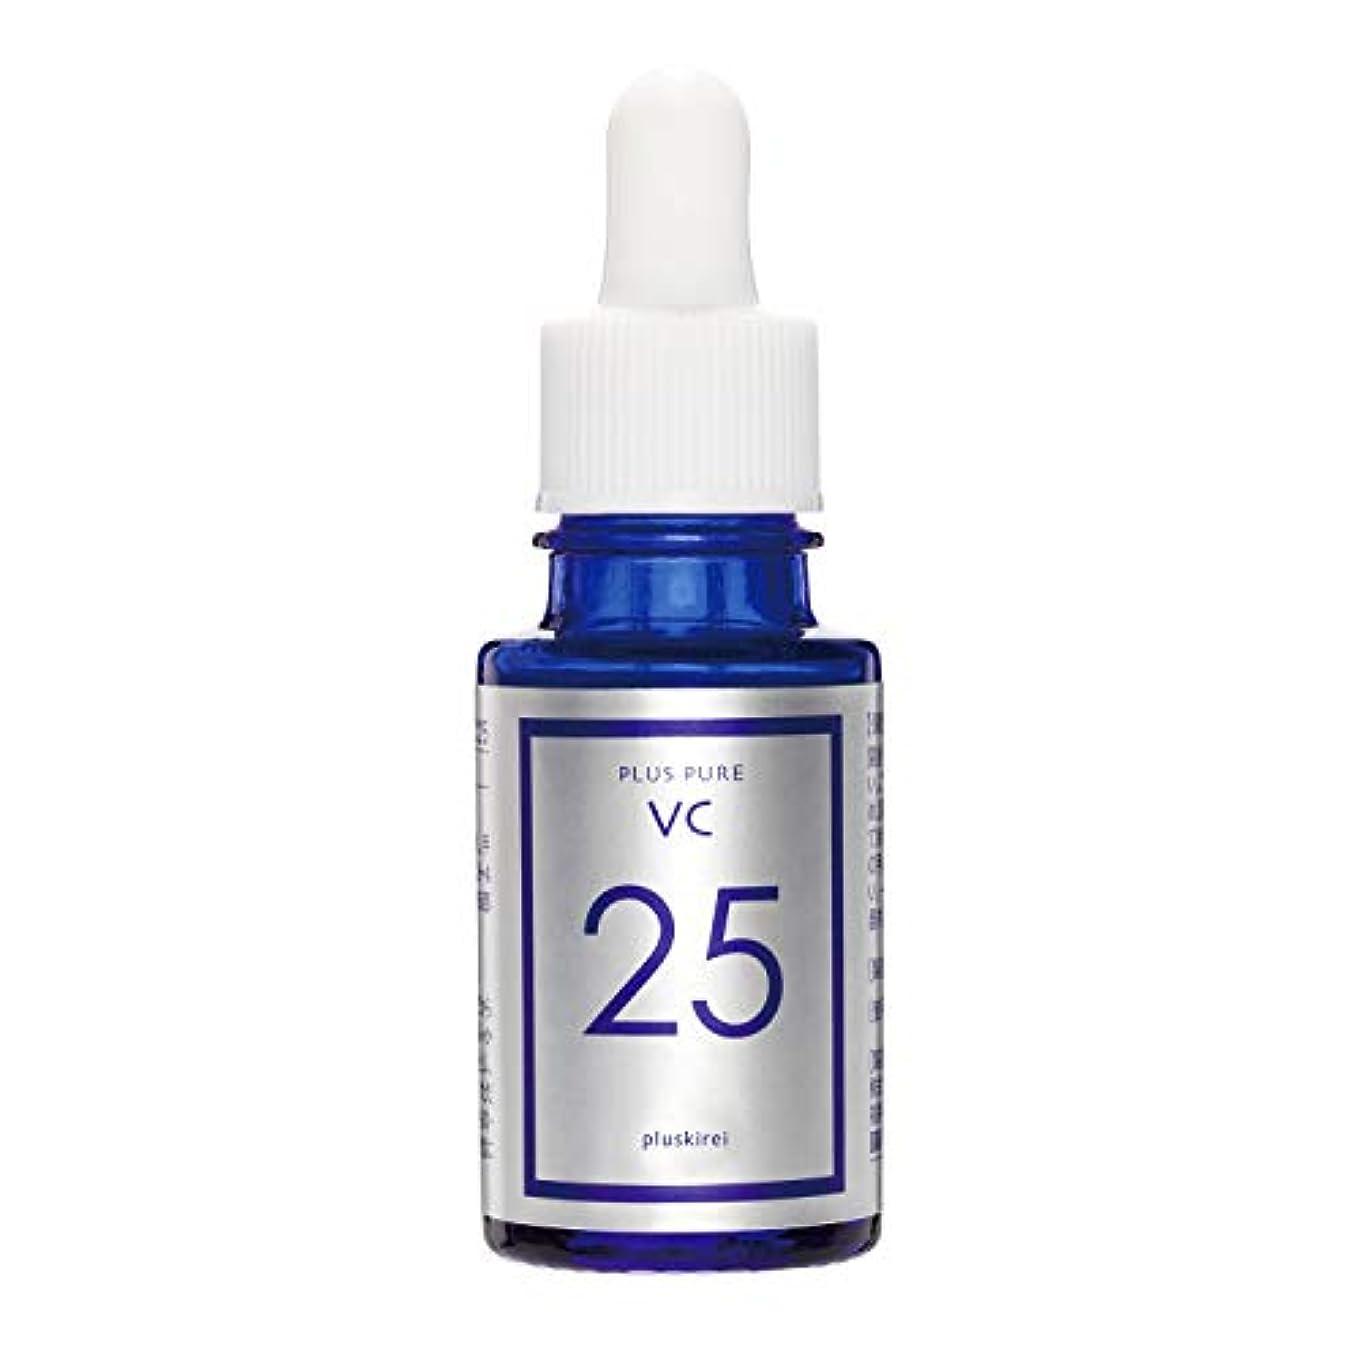 ペースト件名音ビタミンC 美容液 プラスキレイ プラスピュアVC25 ピュアビタミンC25%配合 両親媒性美容液 (10mL(約1ケ月分))